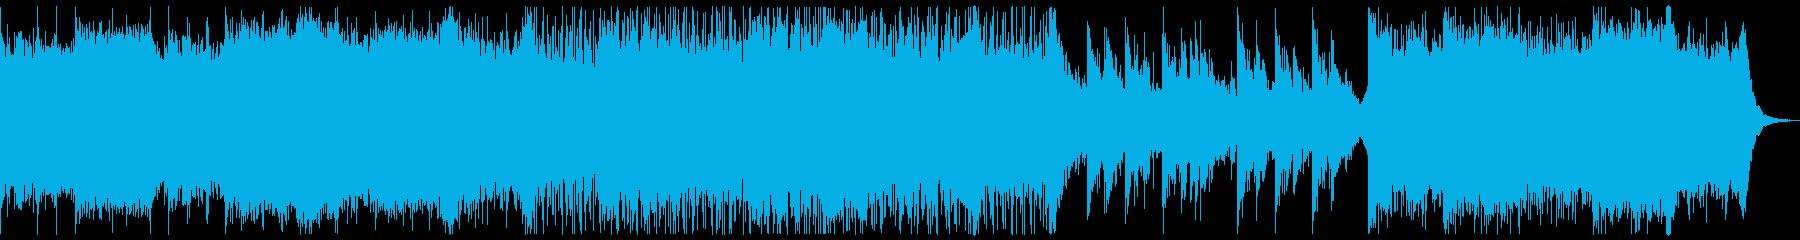 壮大なビートで出発や始まりを感じさせる曲の再生済みの波形